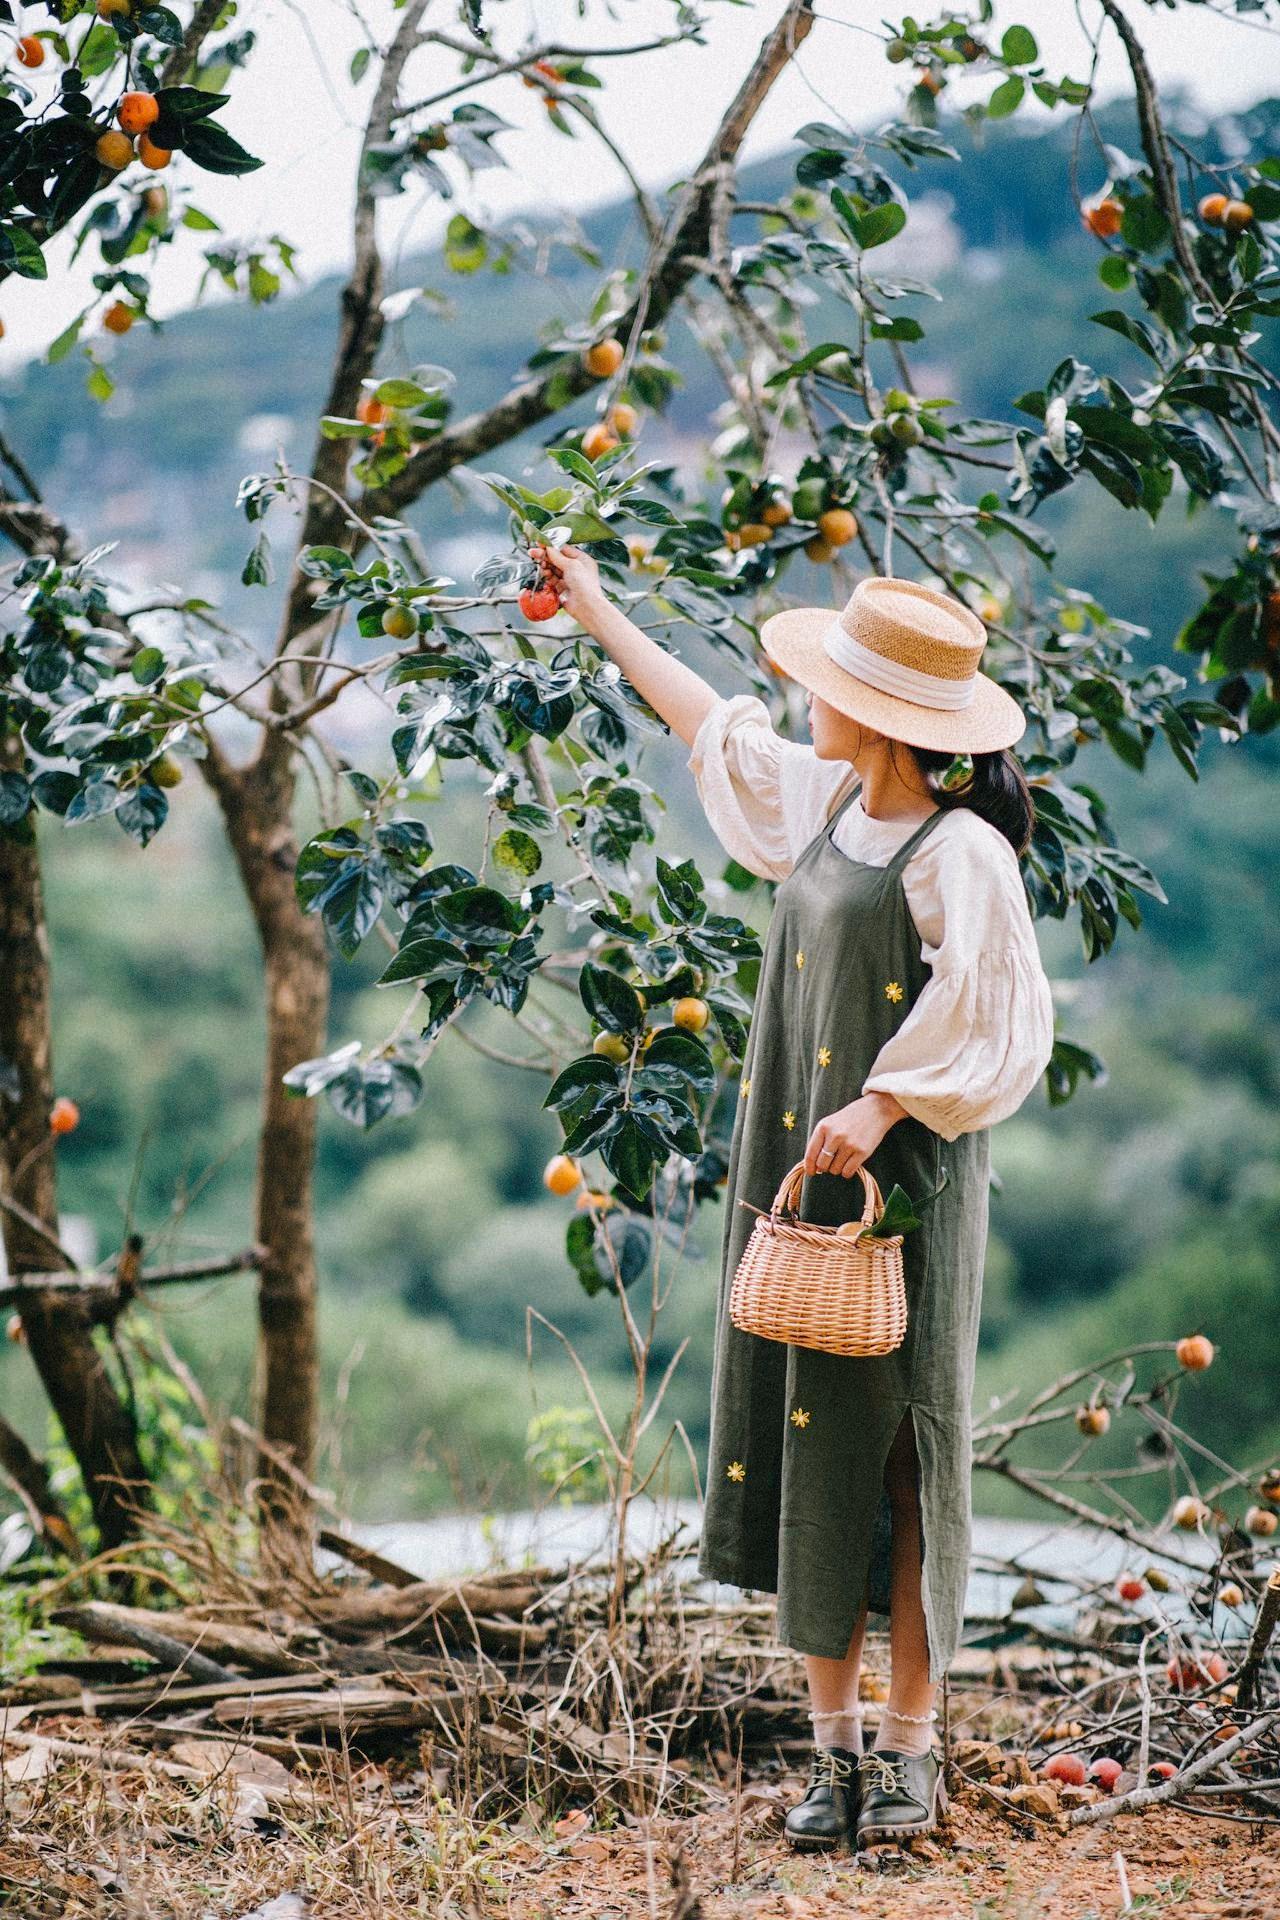 Váy yếm rất phù hợp để chụp hình ở vườn hồng. Hình: Tú Trần